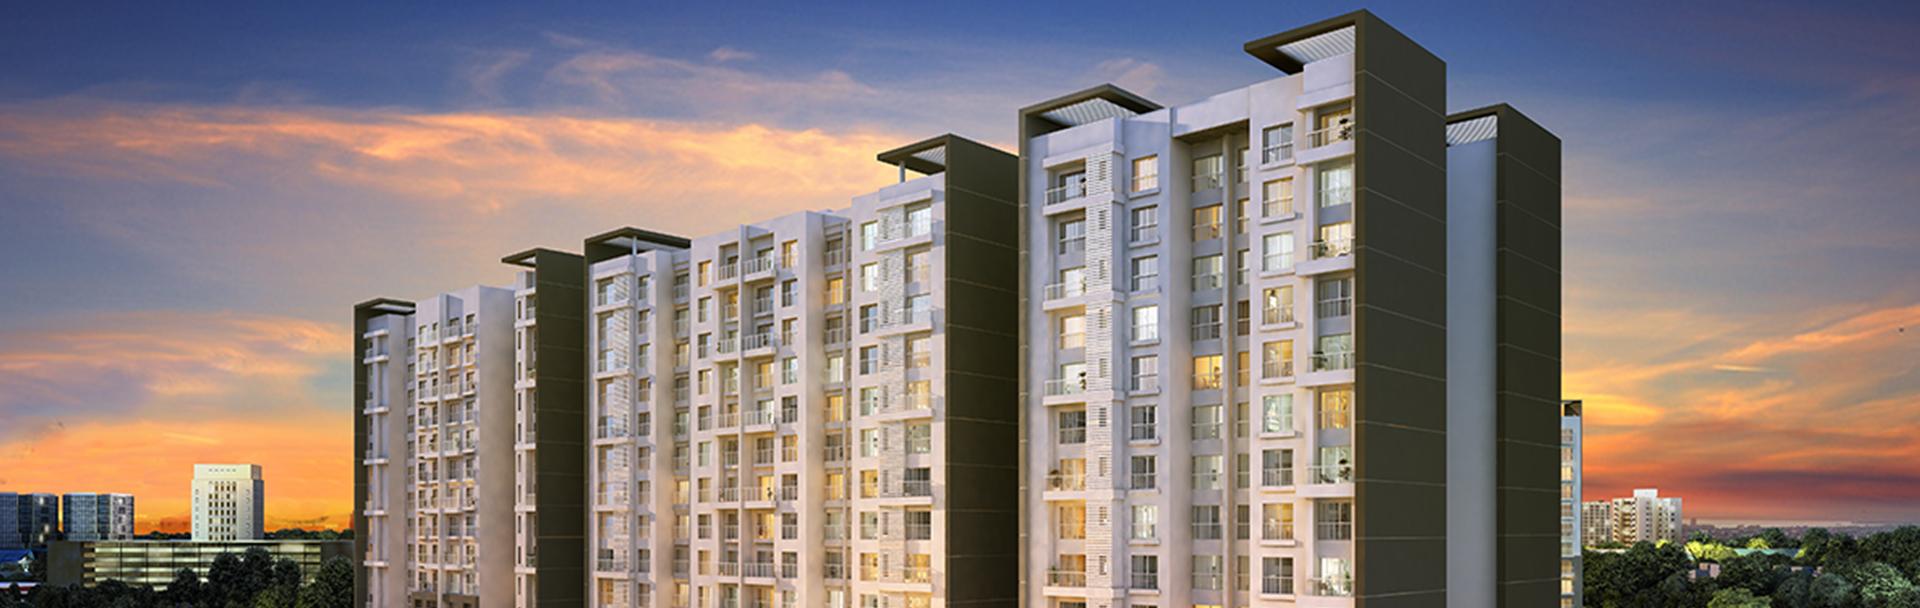 Property in Undri, Pune | Godrej Prana